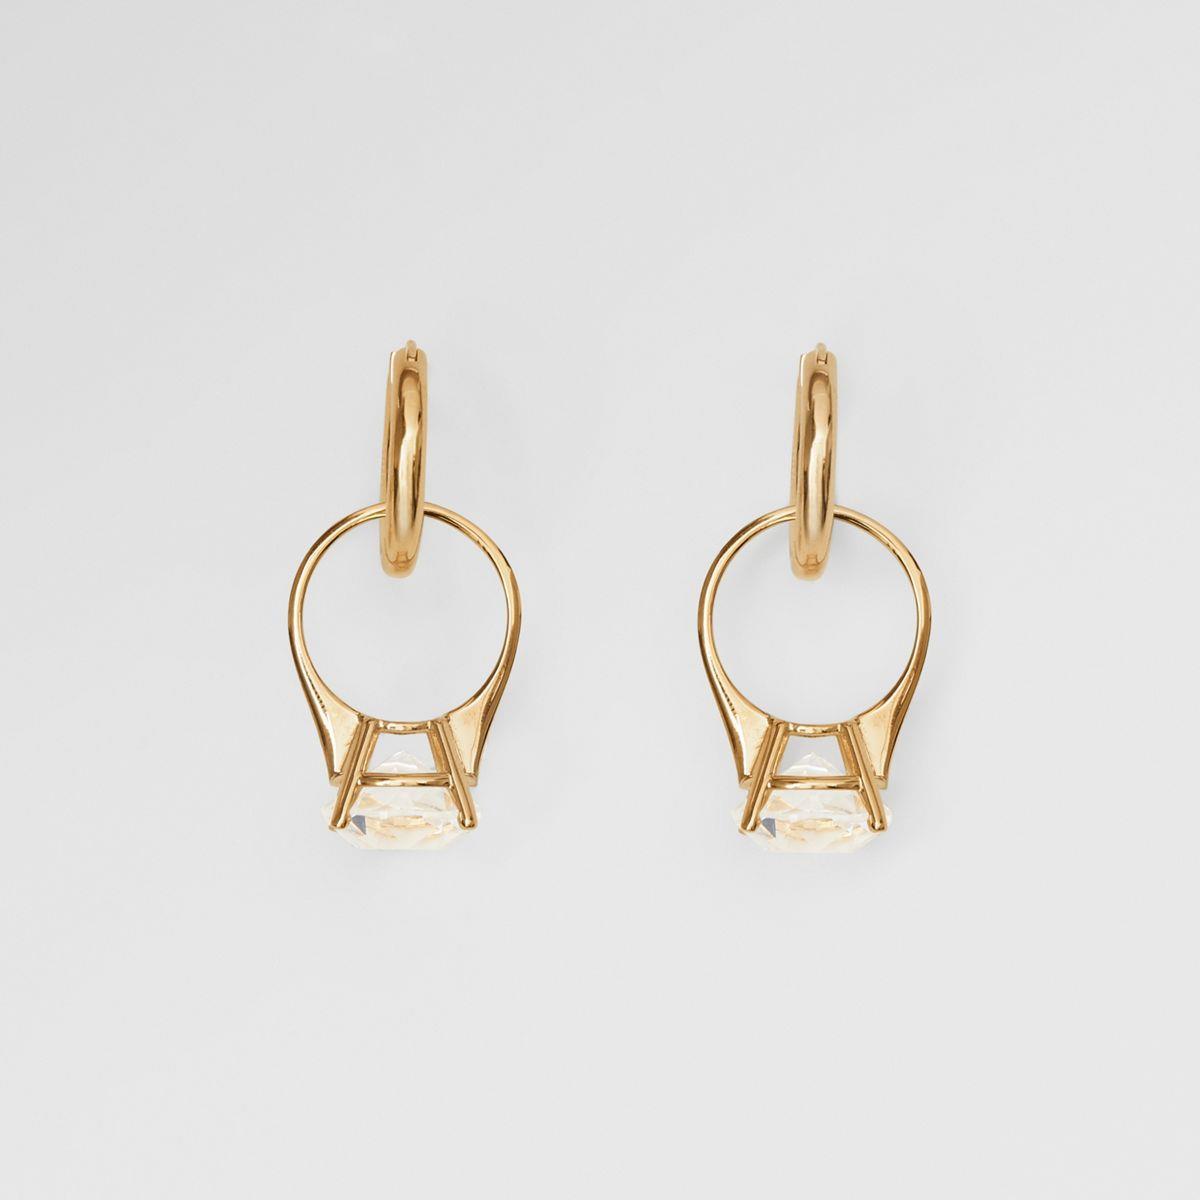 Crystal Ring Detail Gold-plated Hoop Earrings